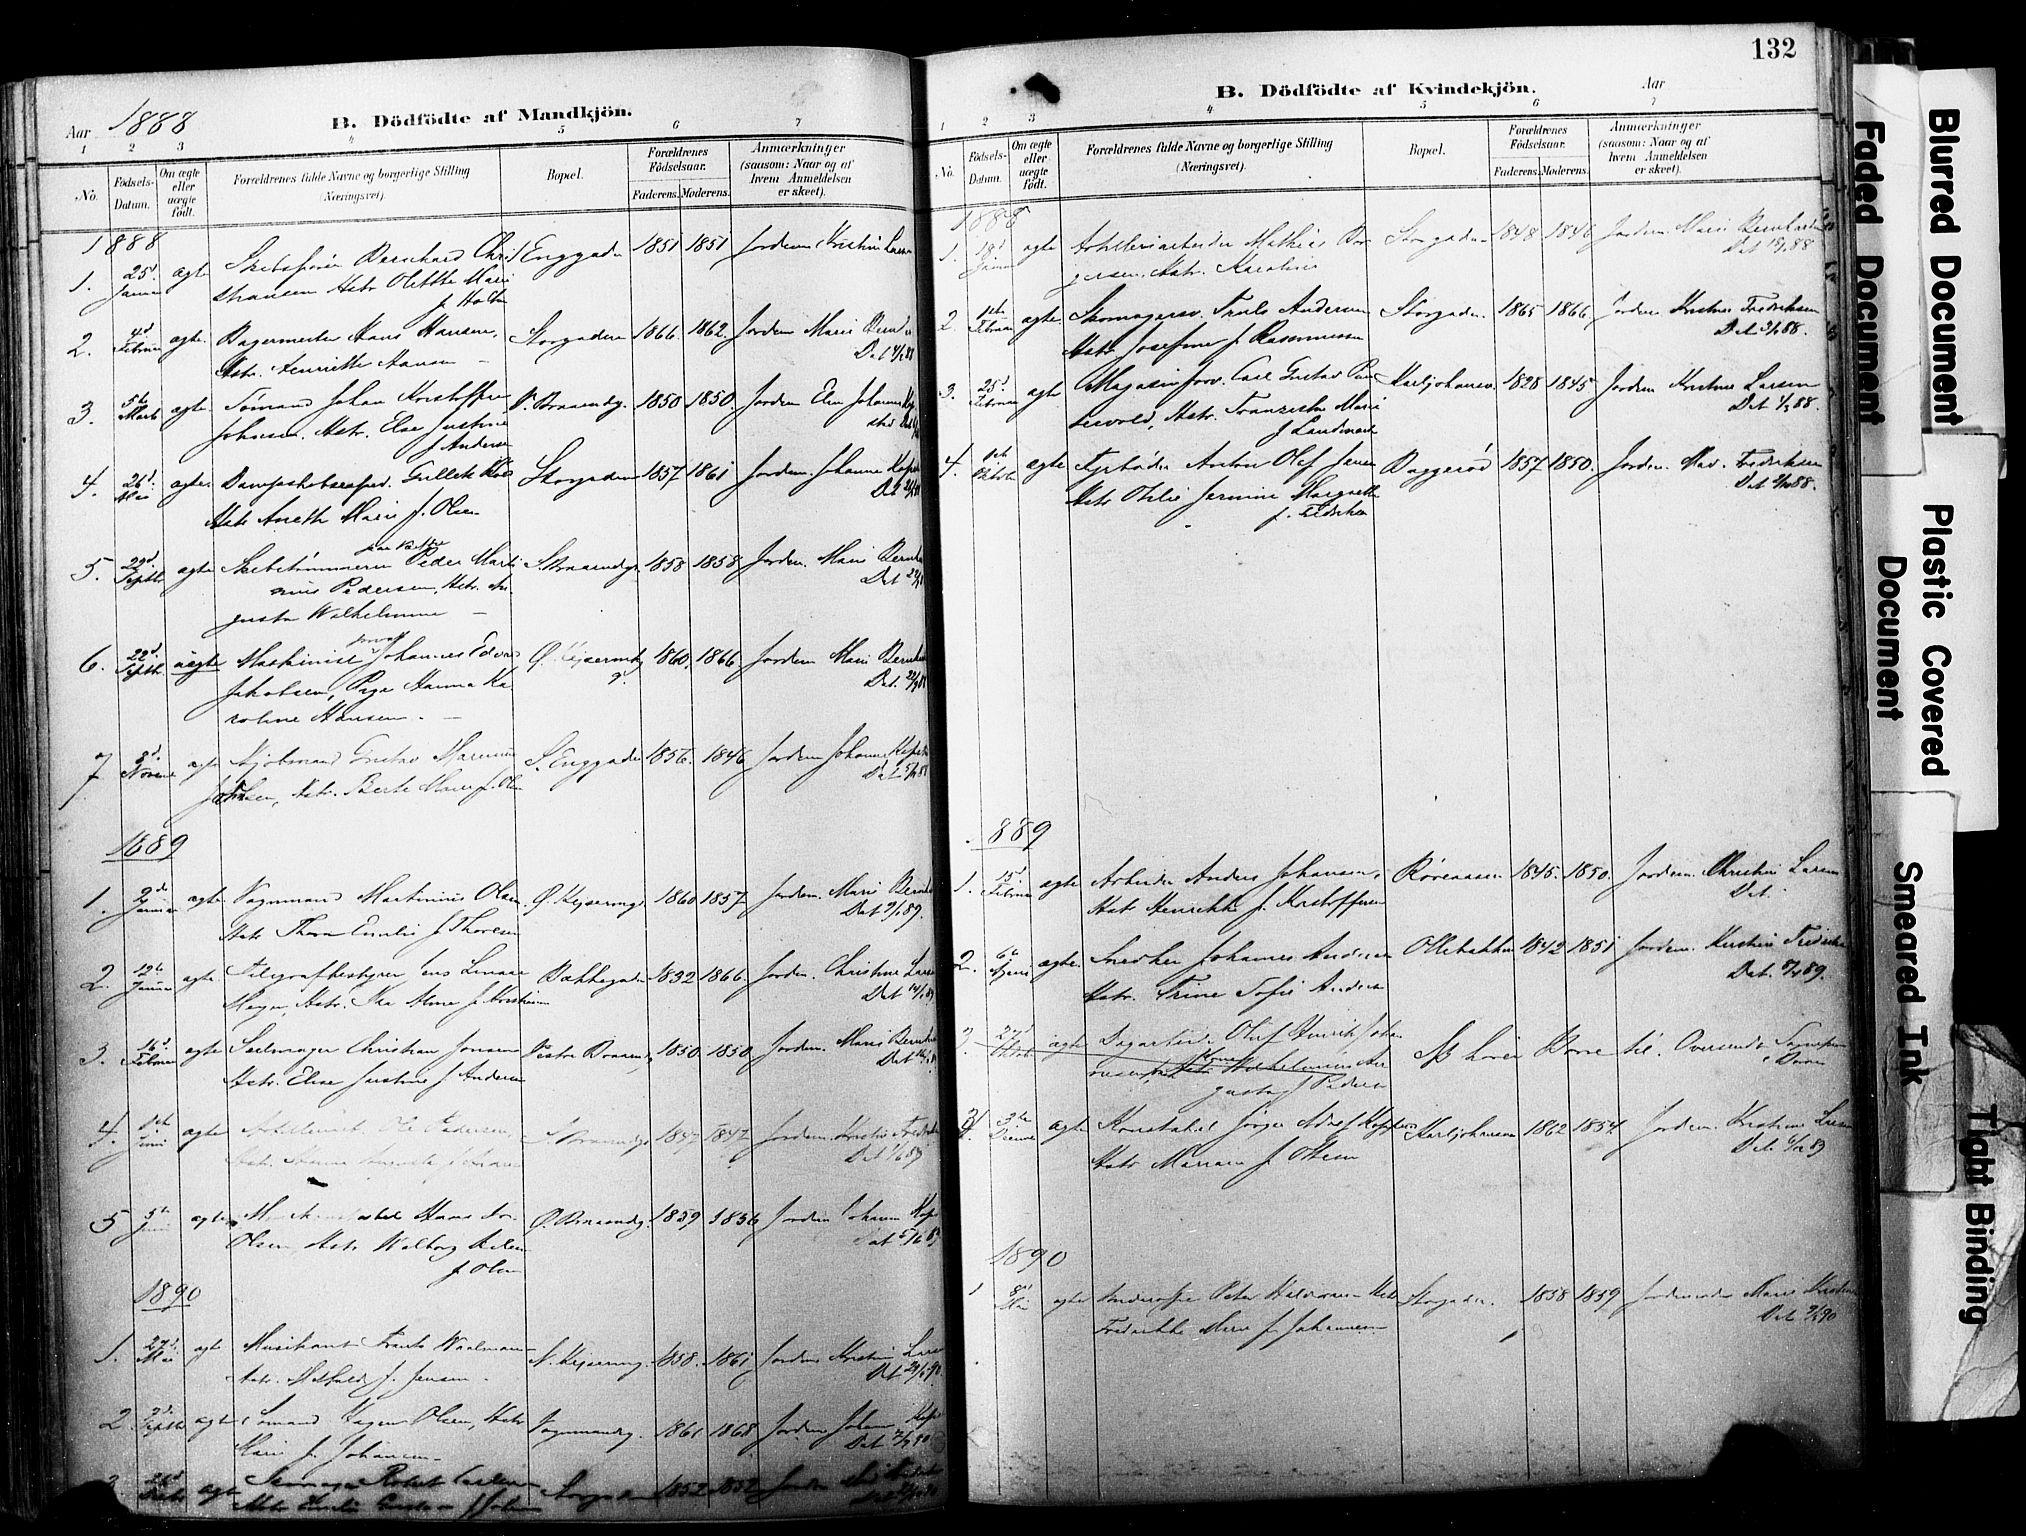 SAKO, Horten kirkebøker, F/Fa/L0004: Ministerialbok nr. 4, 1888-1895, s. 132